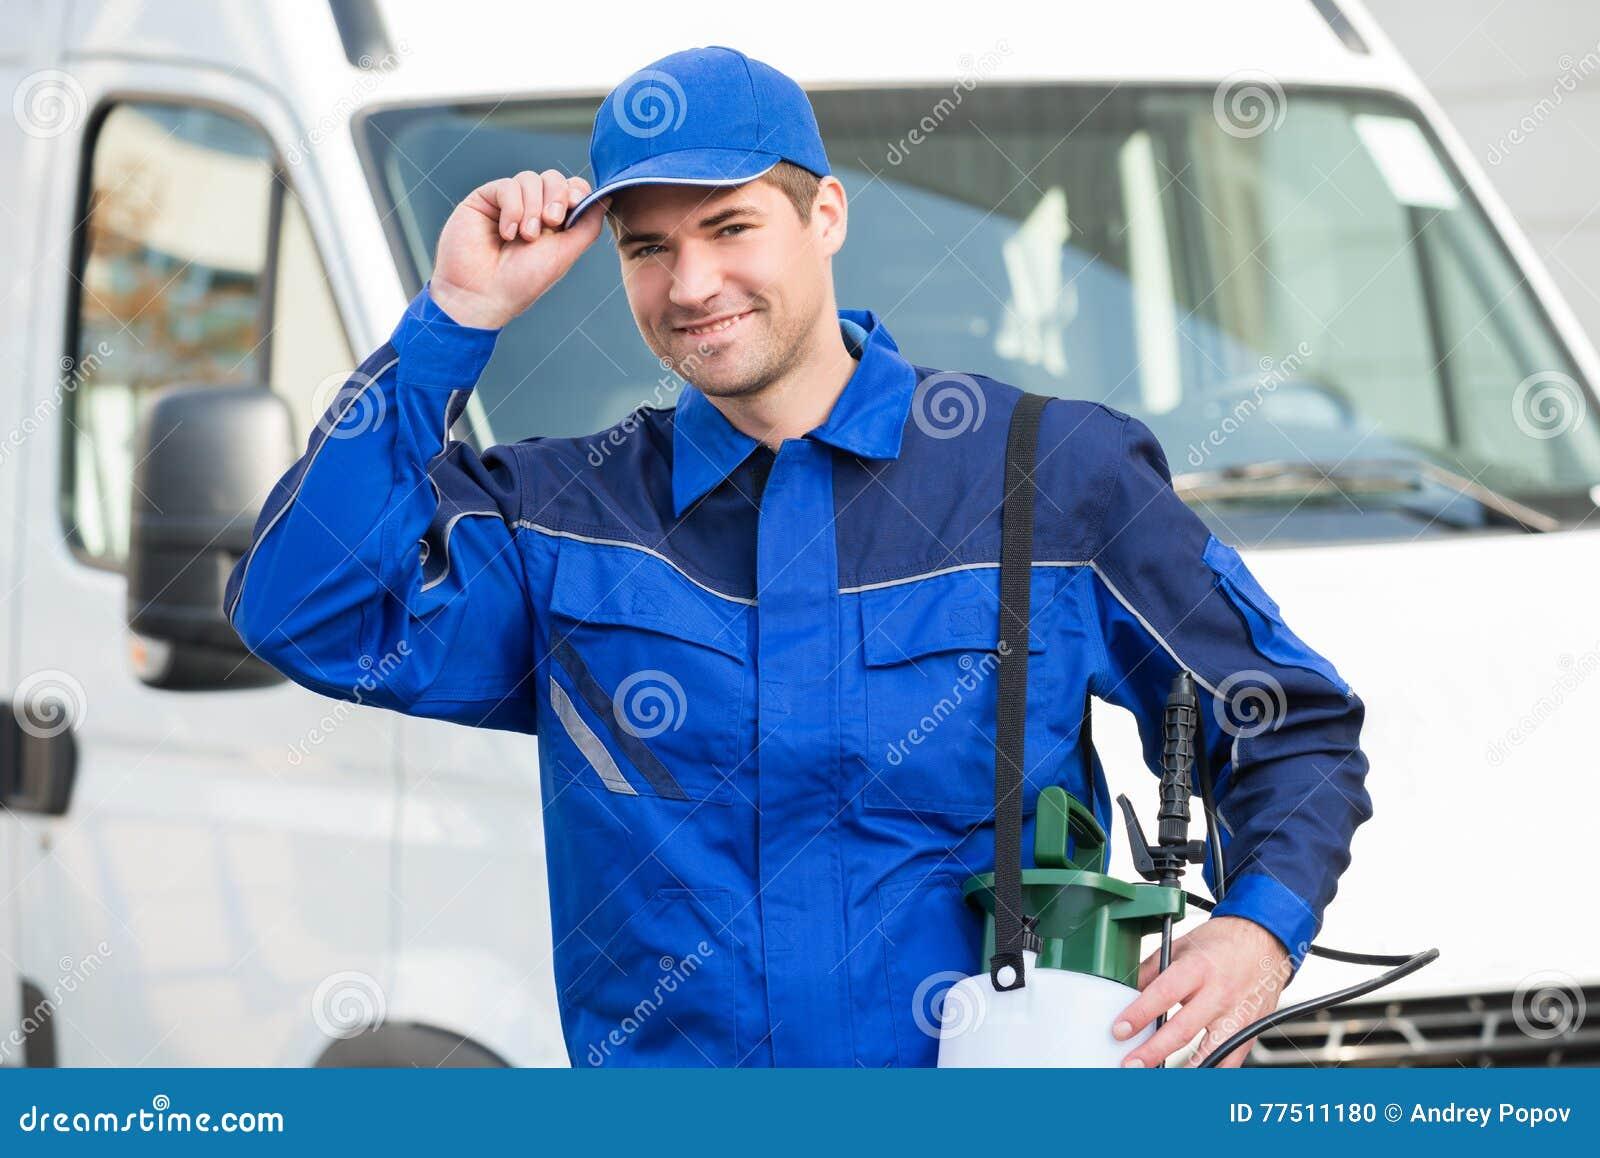 Βέβαιος εργαζόμενος ελέγχου παρασίτων που φορά την ΚΑΠ ενάντια στο φορτηγό